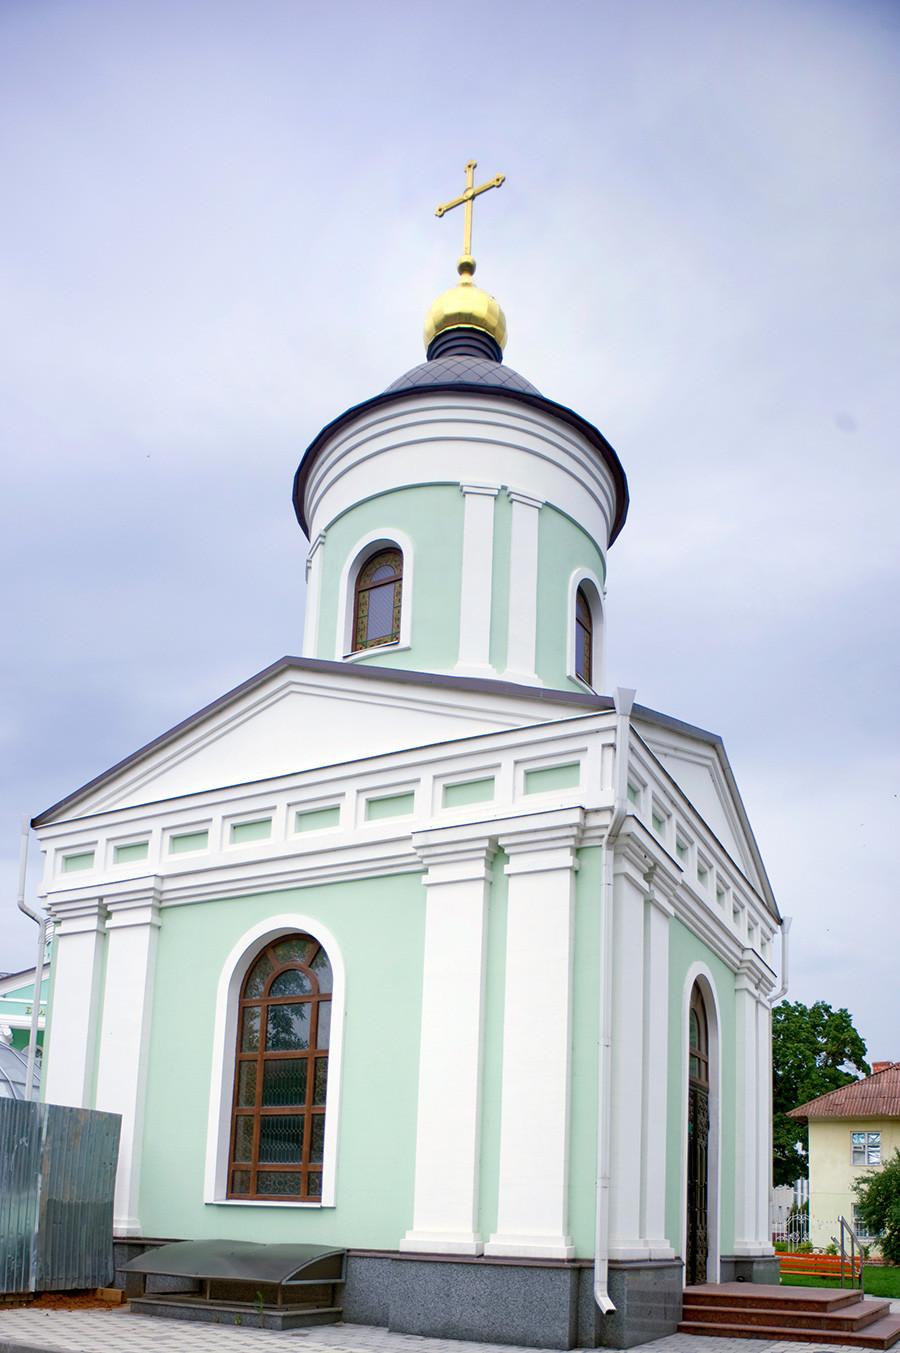 Chapelle Saint Ioassaph de Belgorod. Construite en 2011 sur le site de la cathédrale de la Trinité à l'emplacement de la sépulture d'Ioassaph